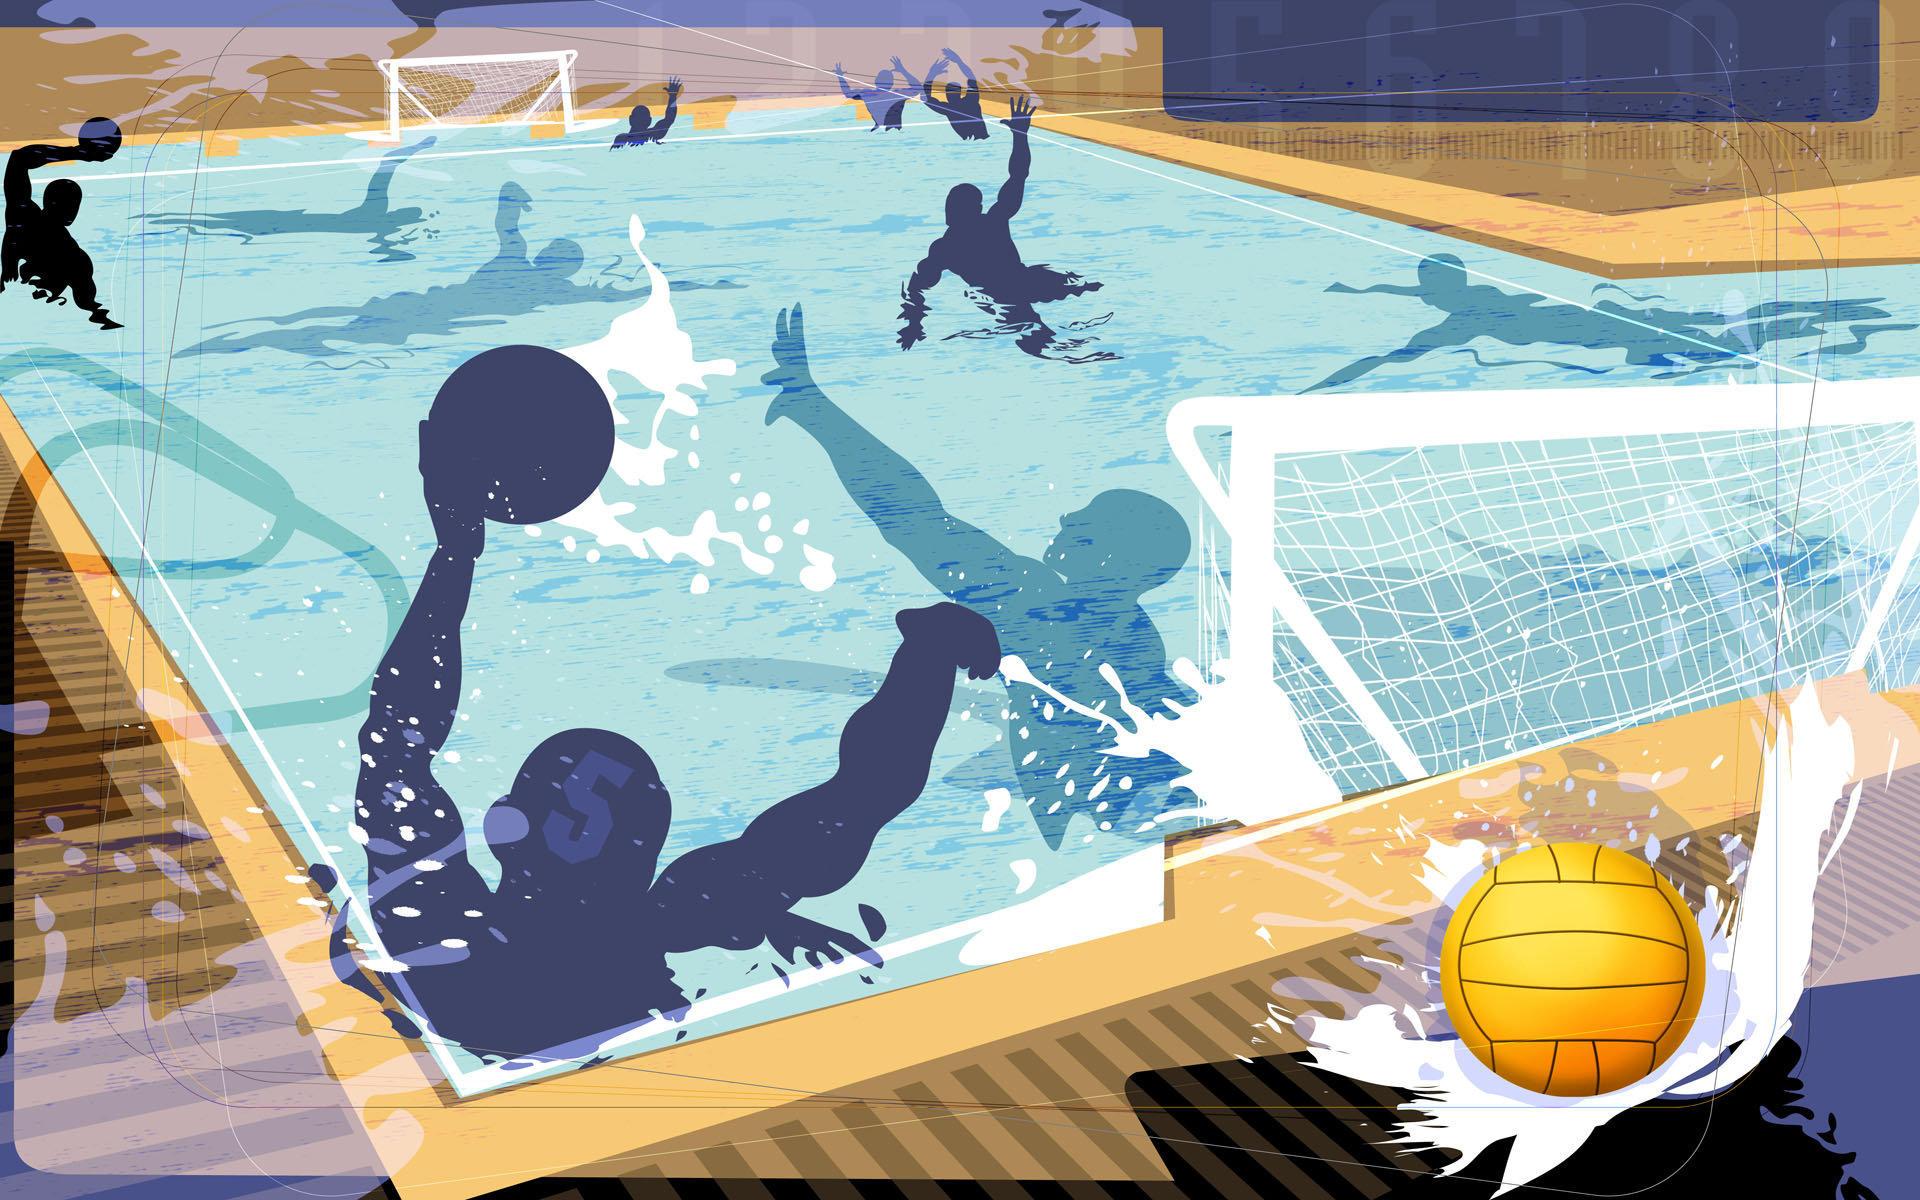 奥运体育项目抽象主题壁纸